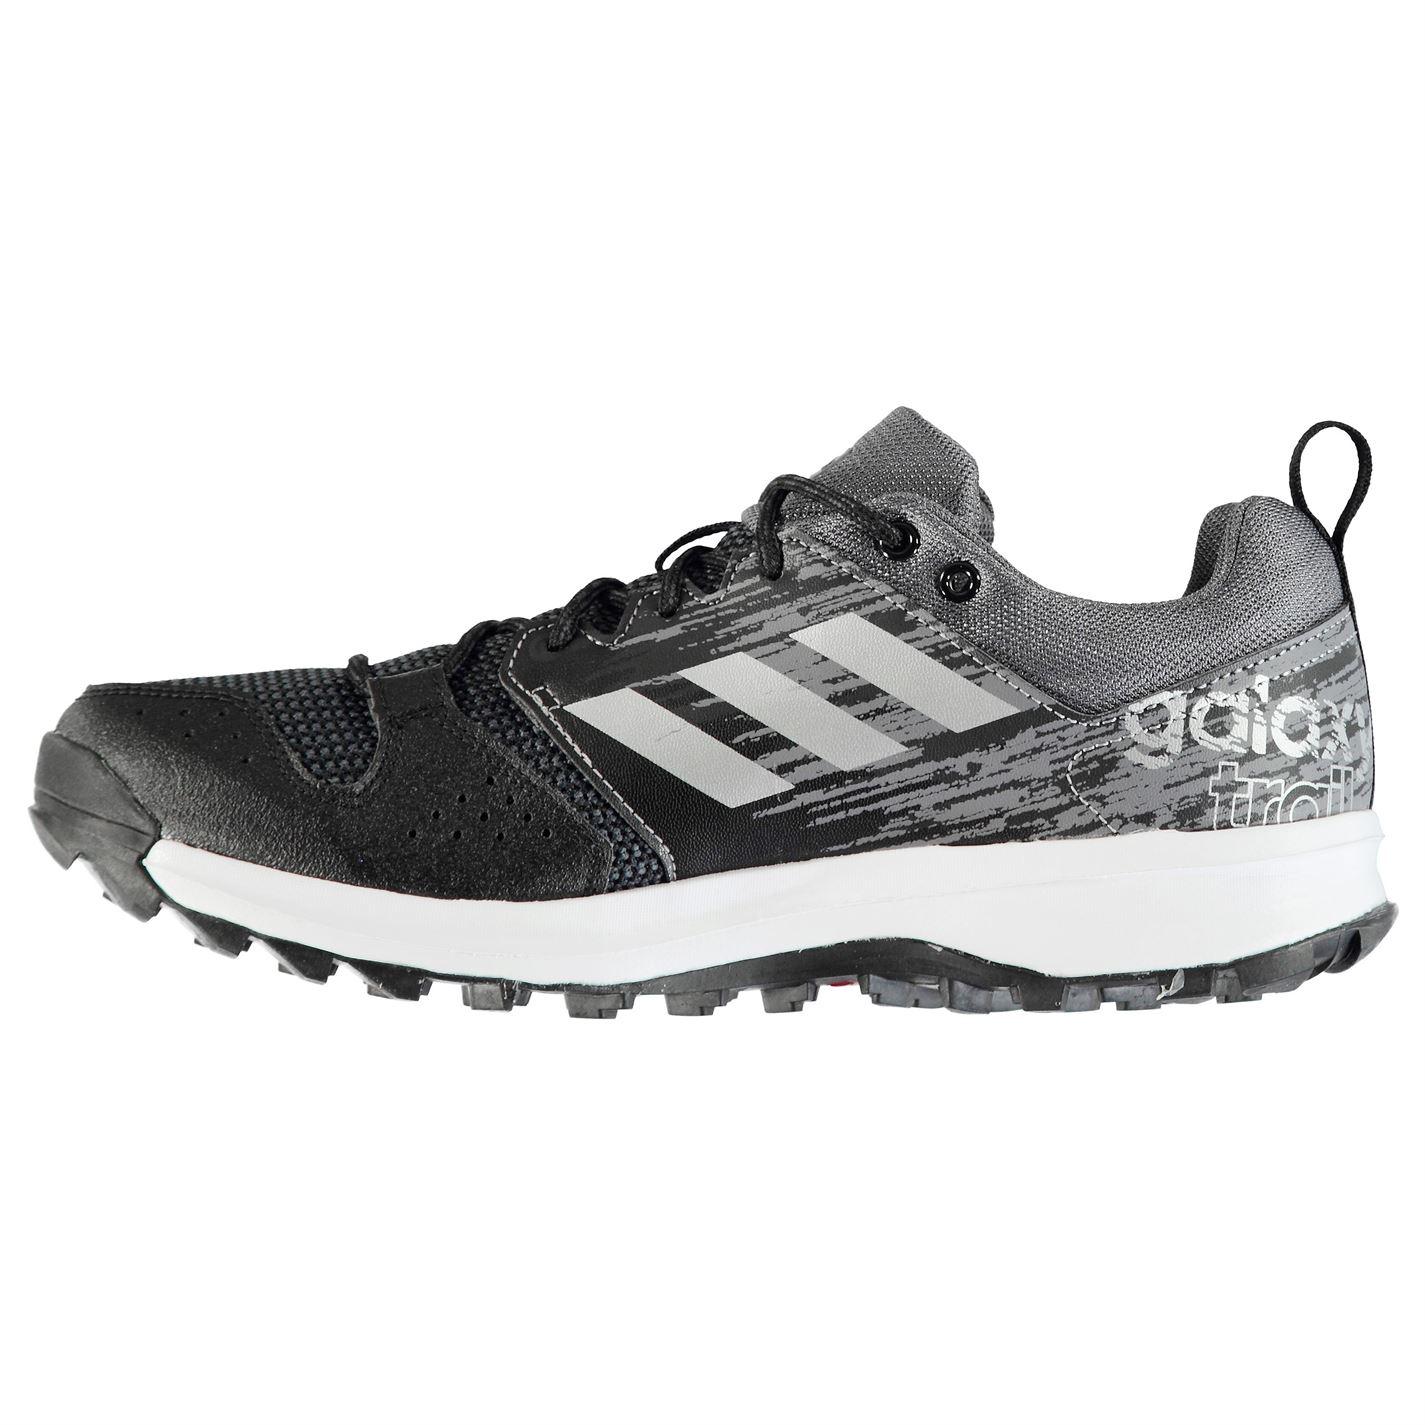 Chaussures Le De Course Ventilé D'origine Coureurs Afficher Titre Sur Adidas Lacets Trail Fixé Galaxy Détails Homme Gents c53RAq4jL